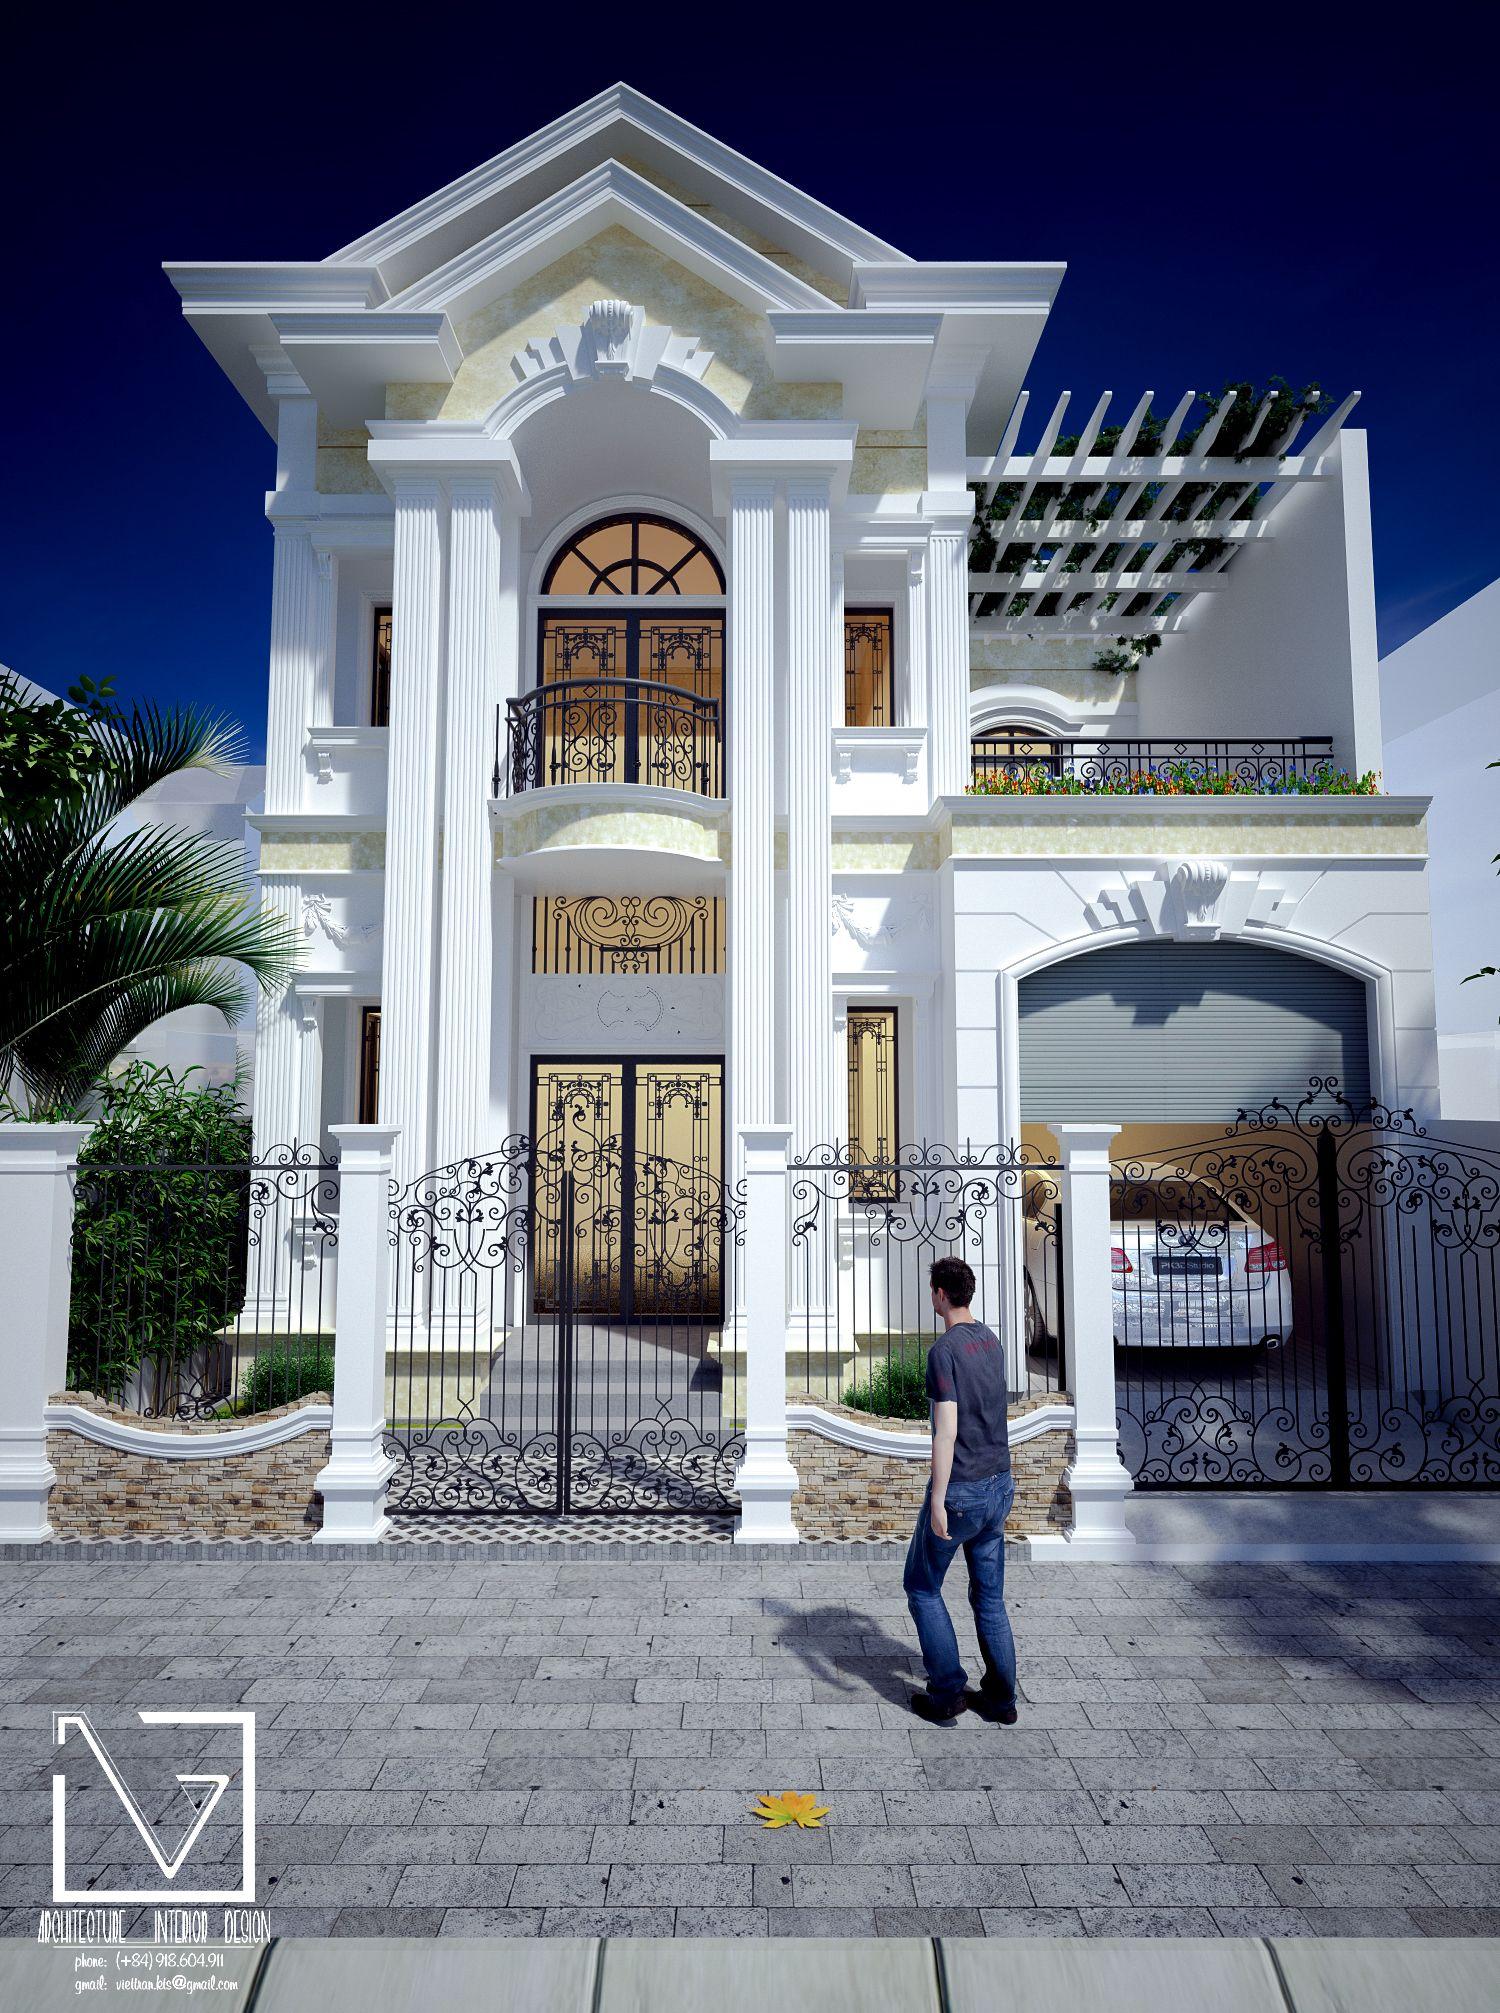 Design binh phuoc house piscine essayer plans de maison de rêve la maison